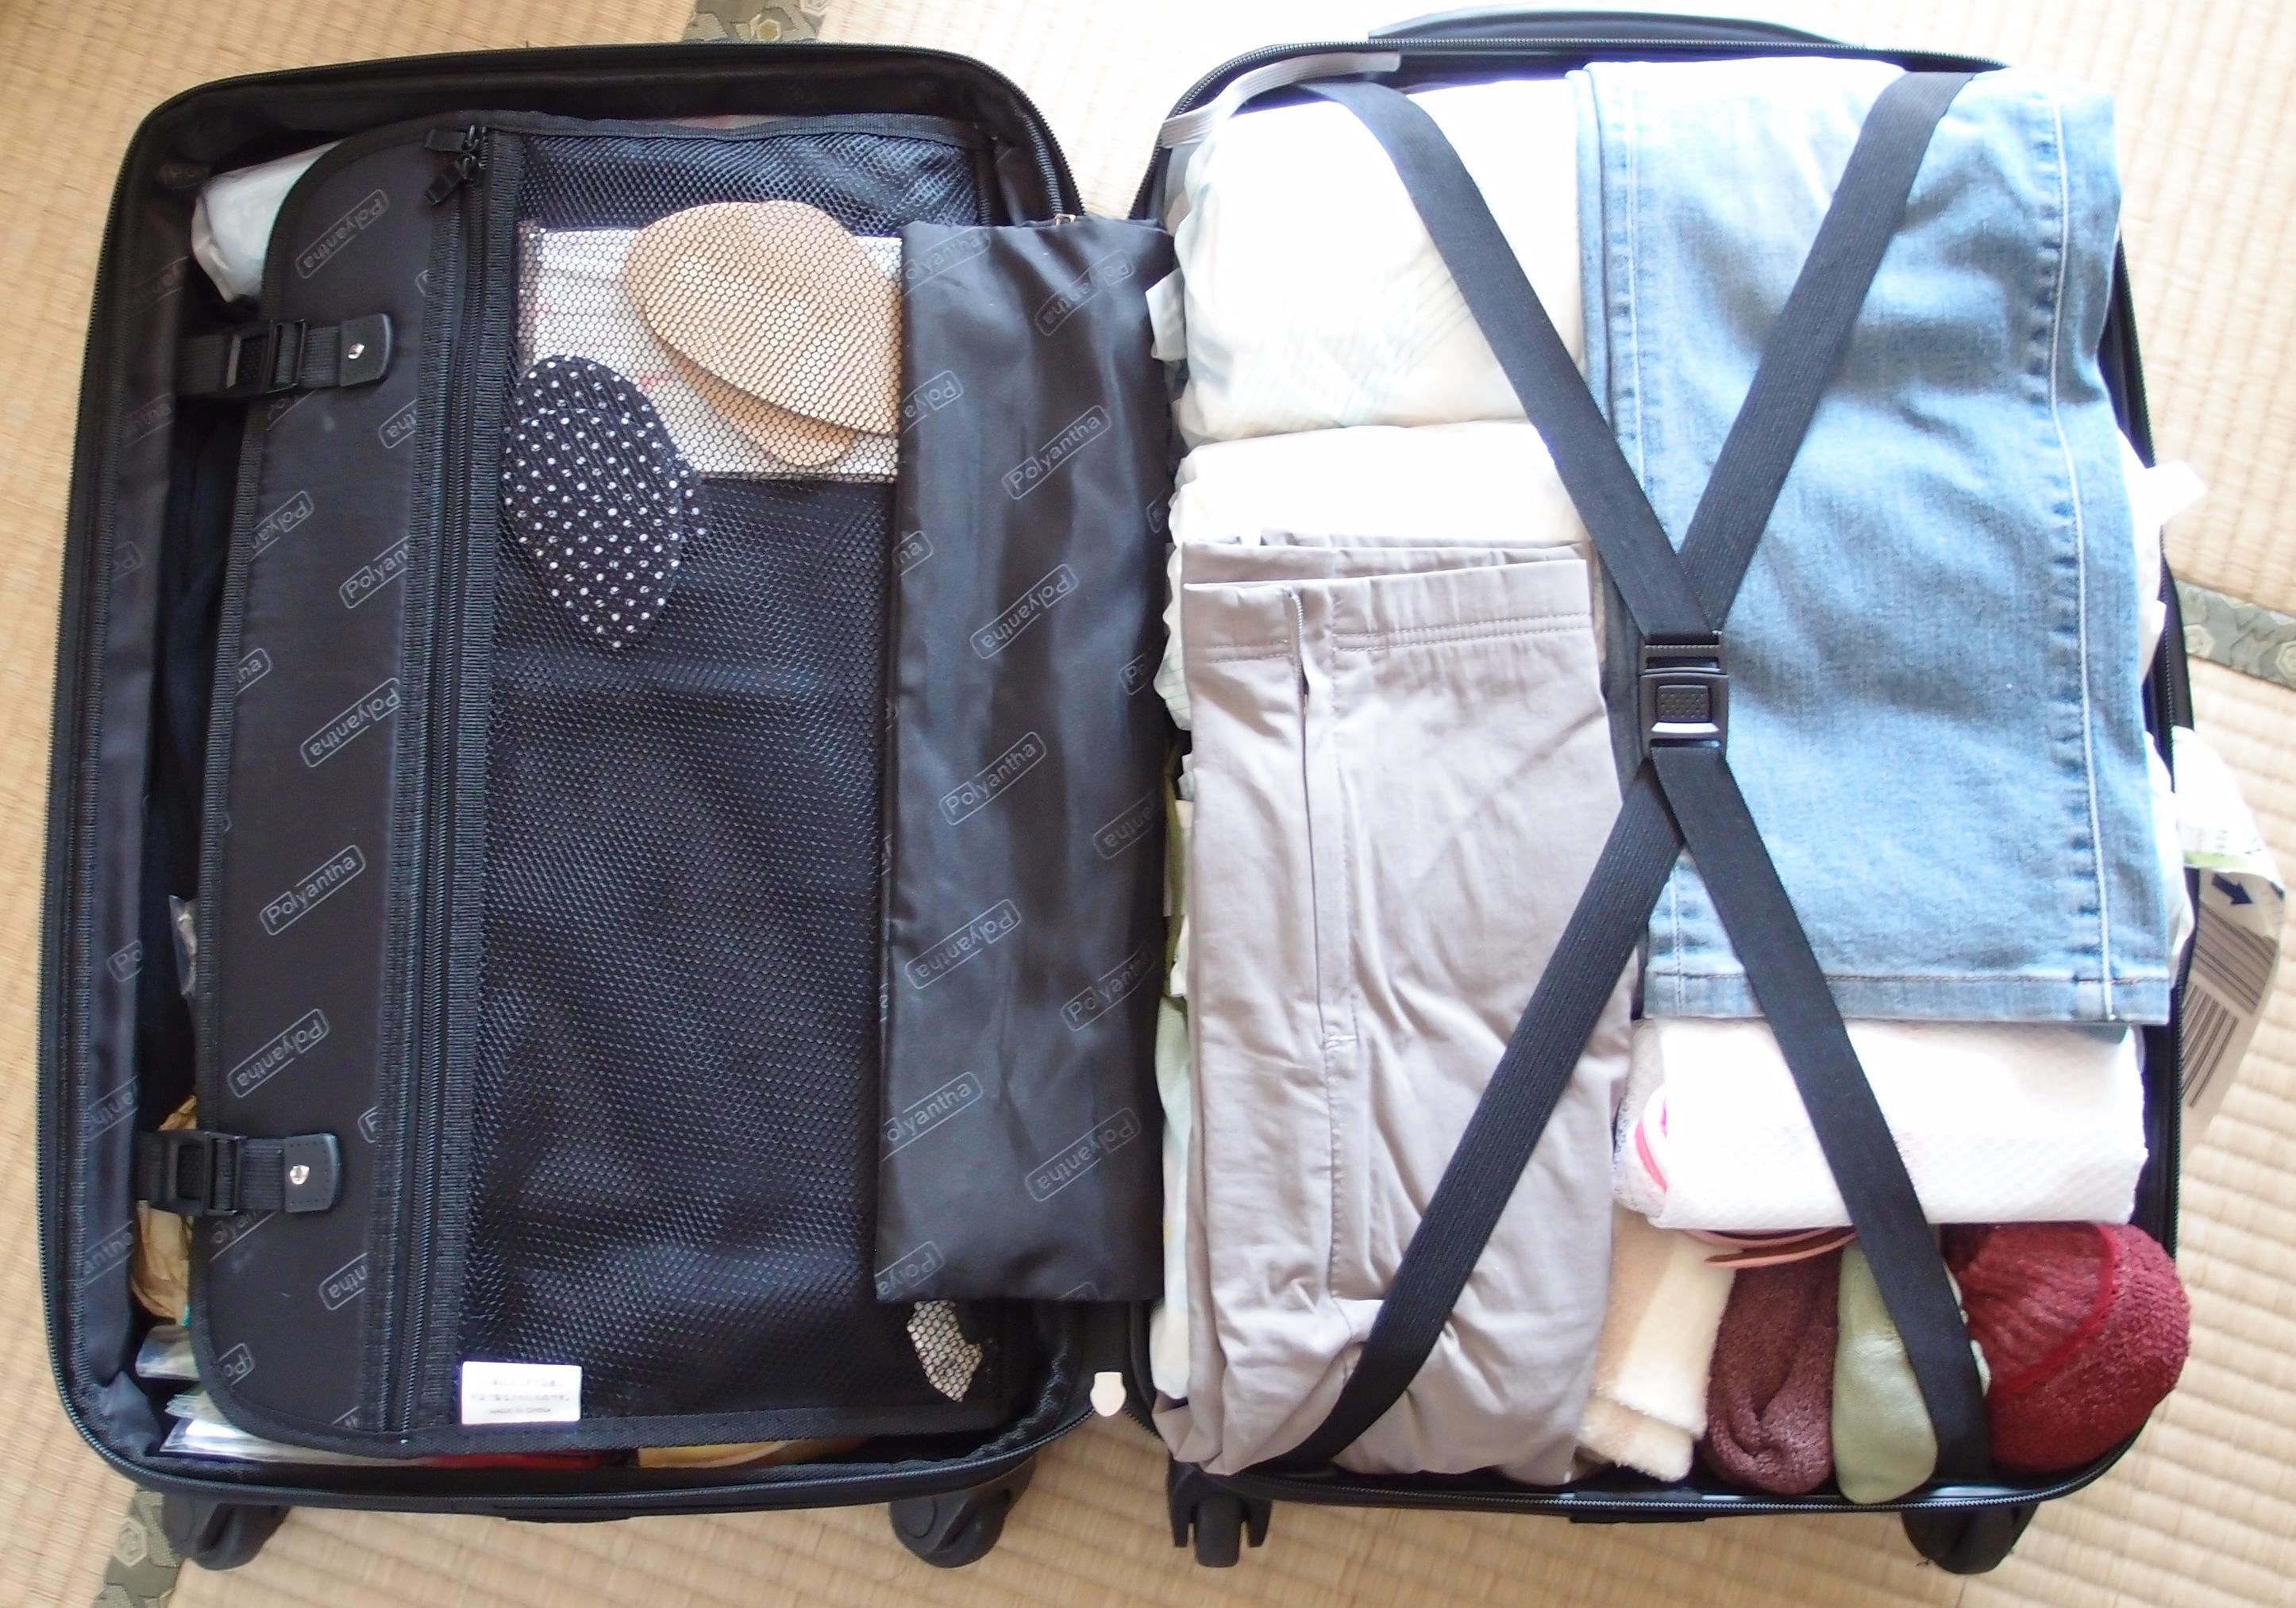 イギリスワーホリ(YMS)のための持ち物。MSサイズのスーツケースでも、これだけ入りました!